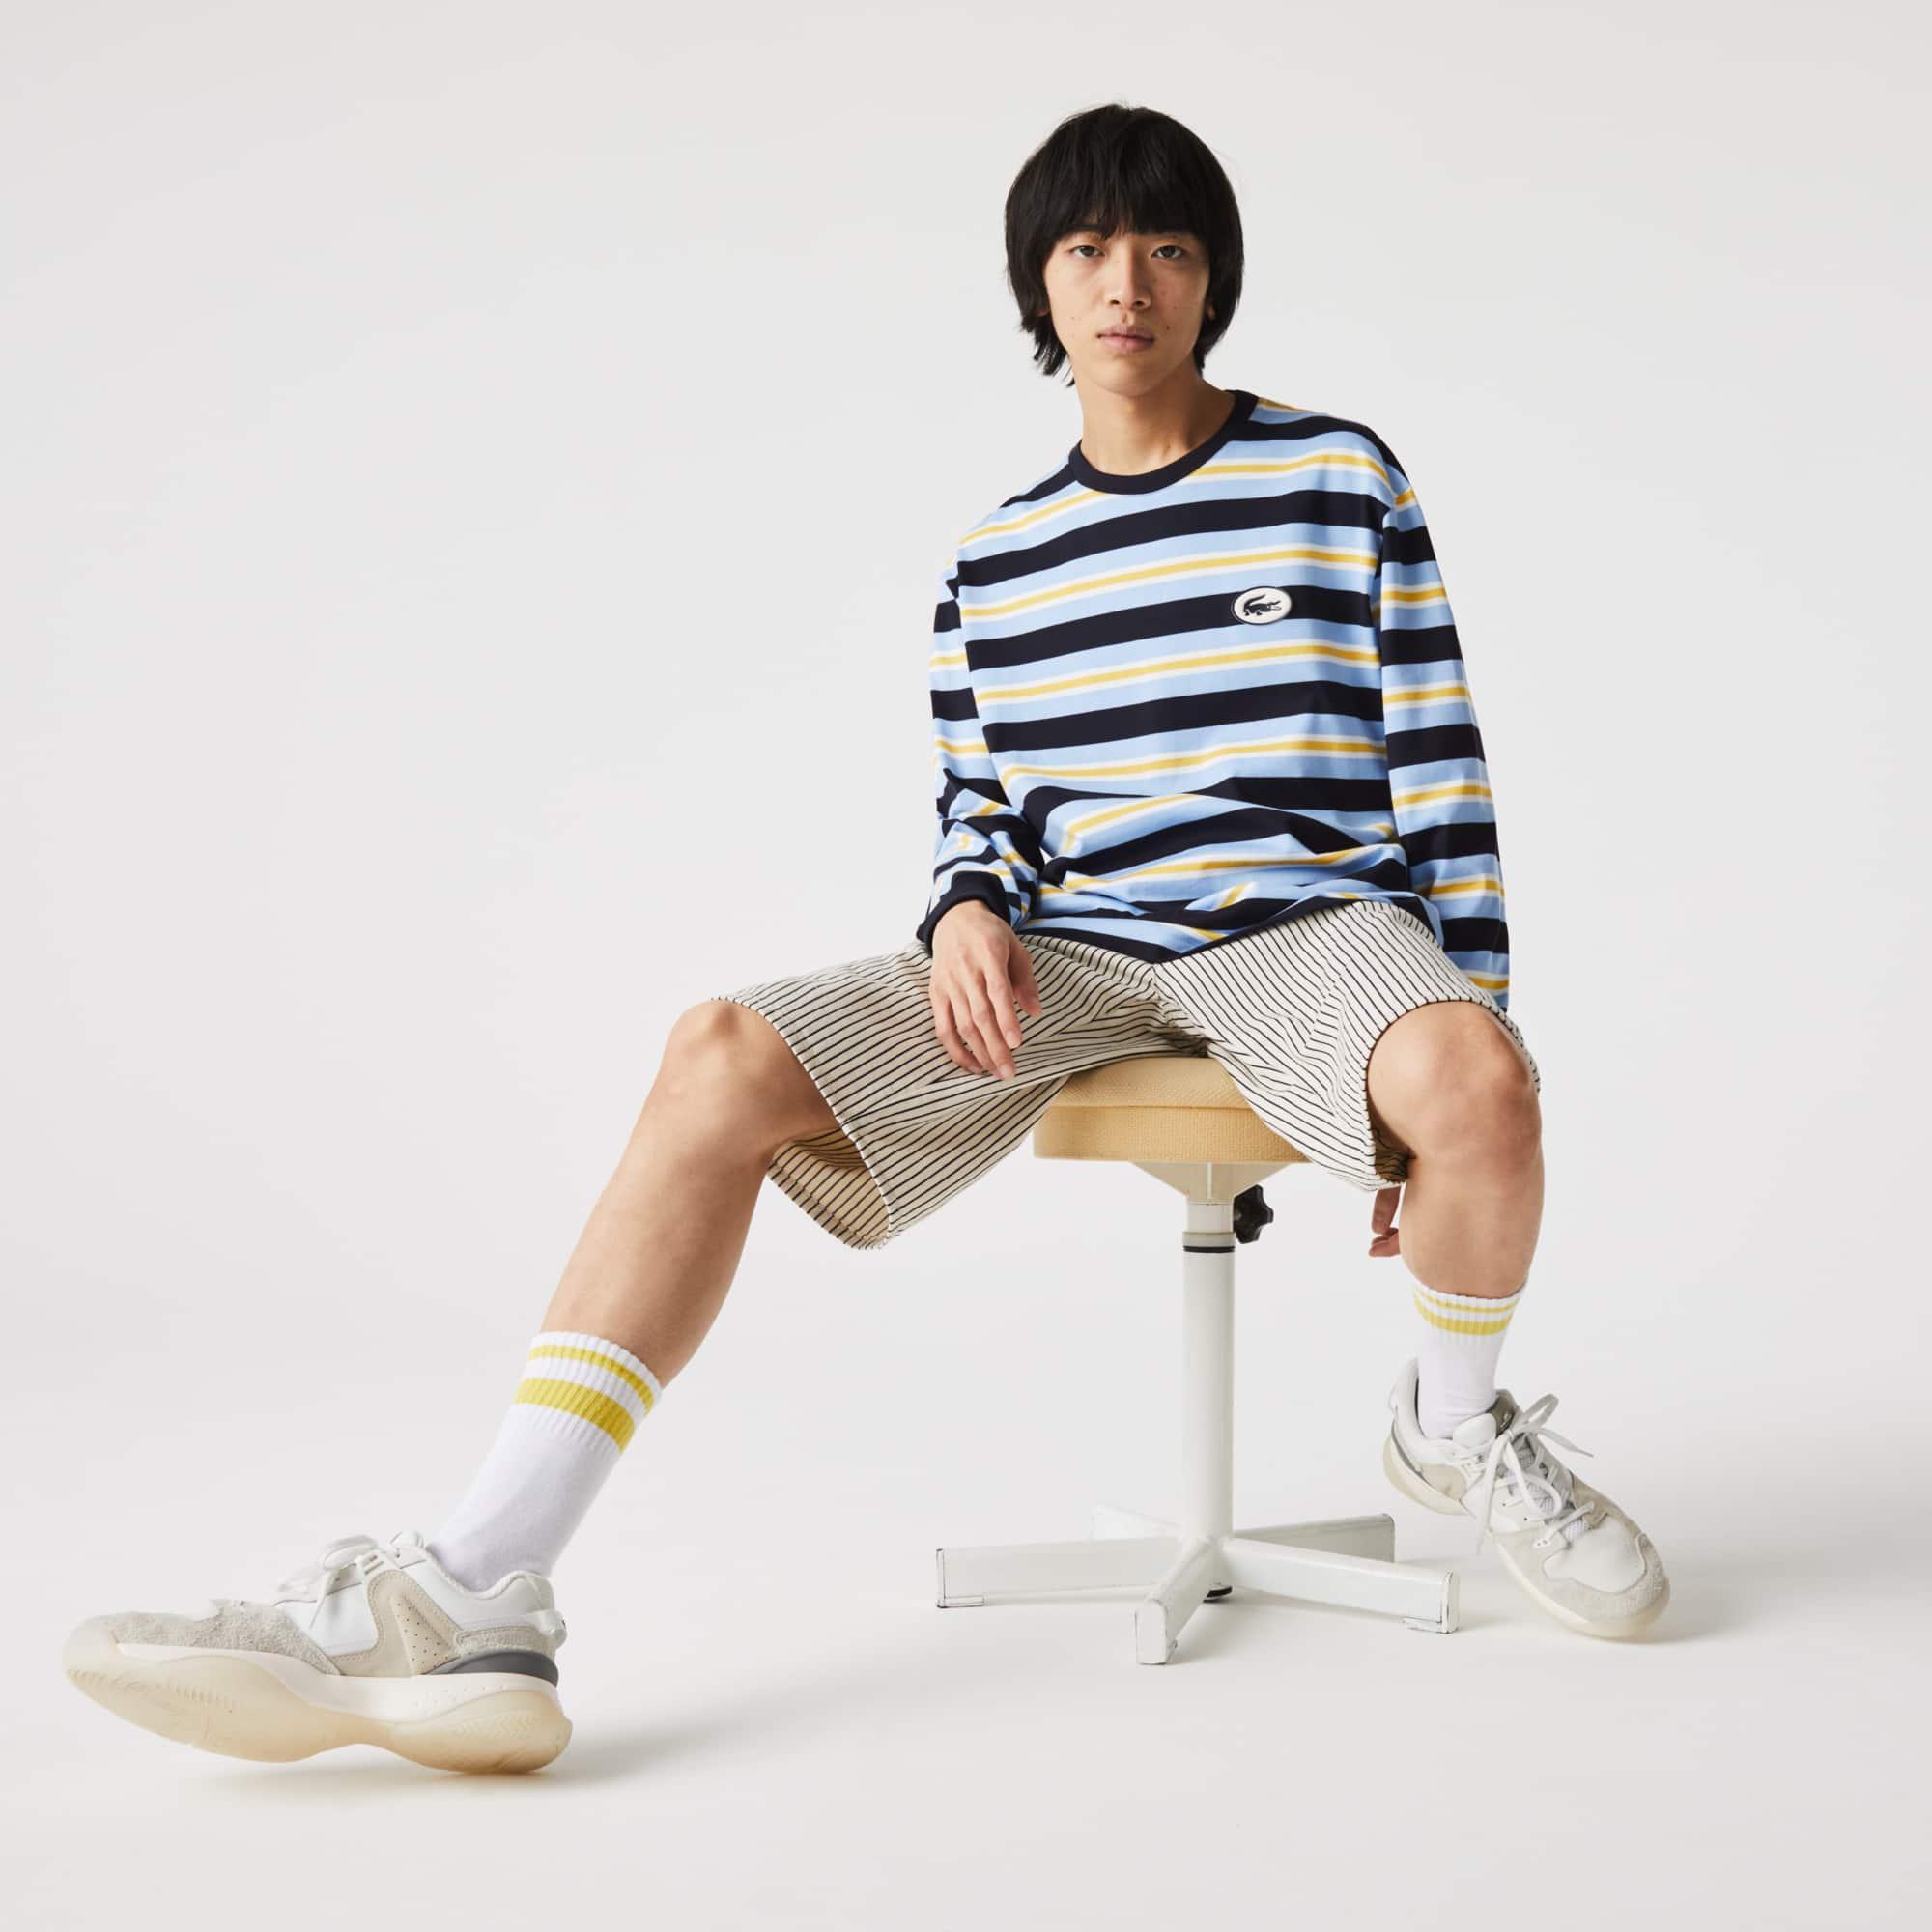 라코스테 Lacoste Men's Heritage Relaxed Striped Cotton T-shirt